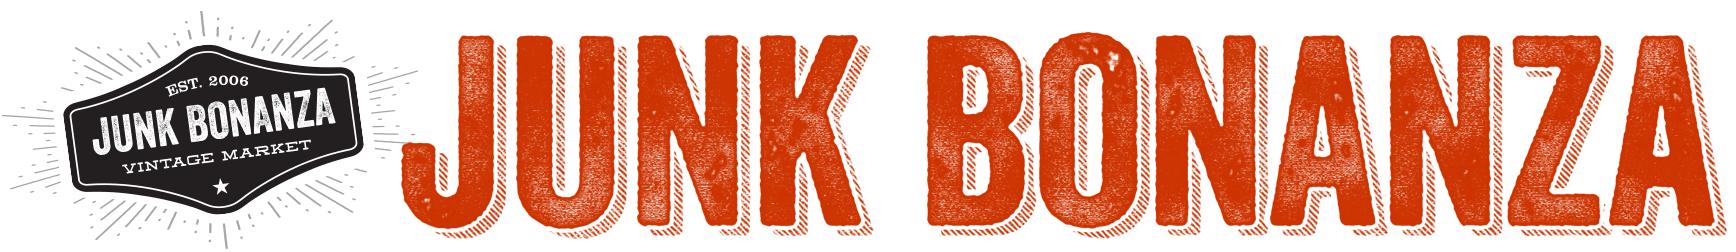 Junk Bonanza Logo